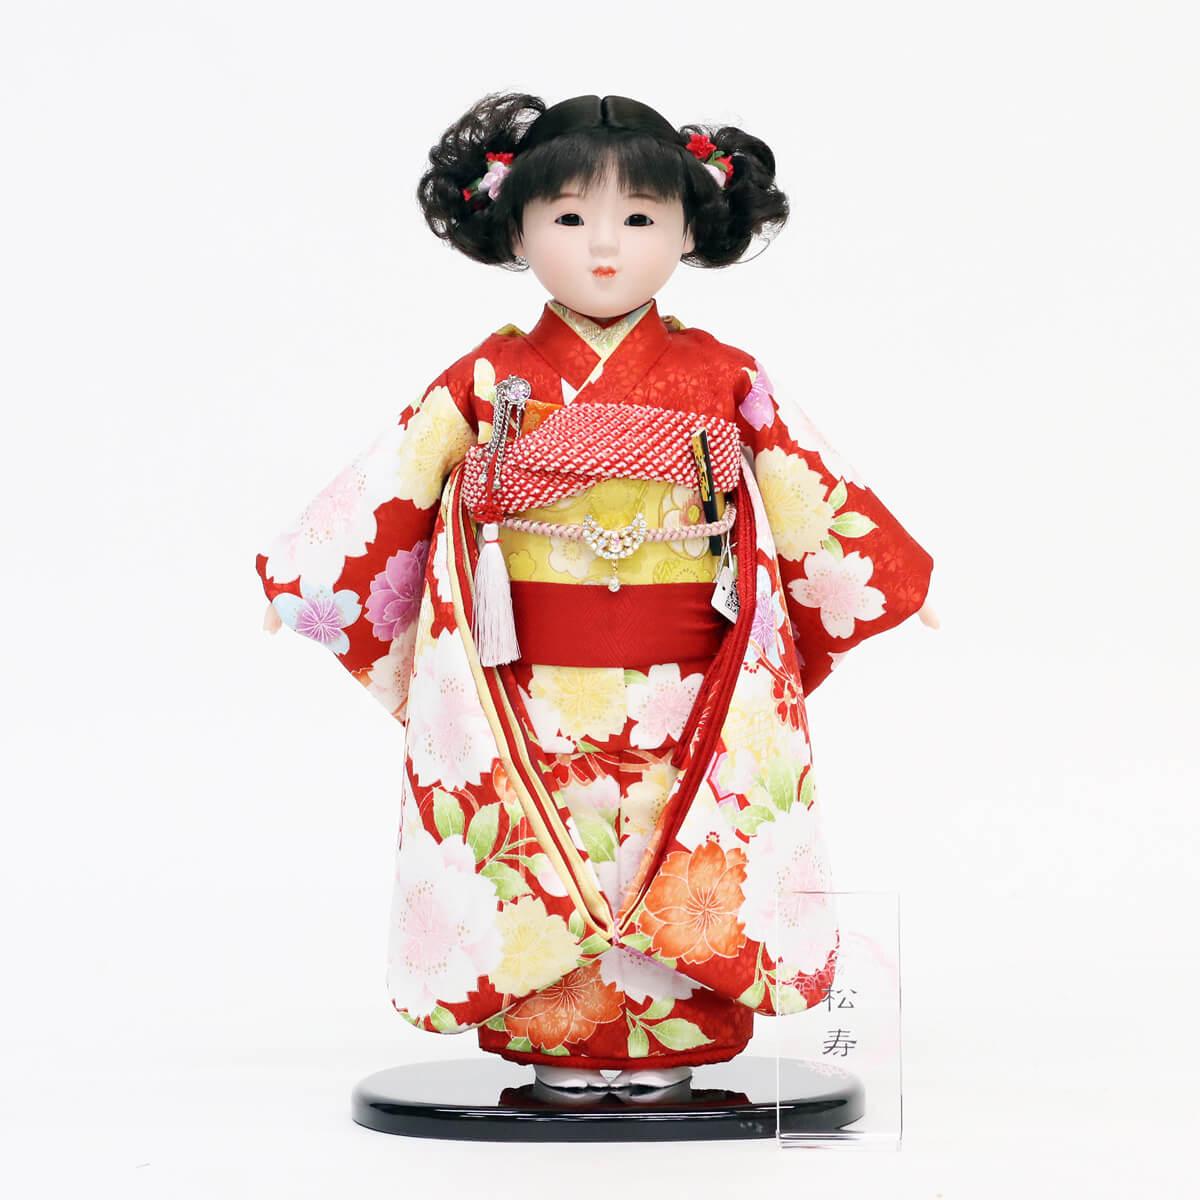 雛人形 松寿 市松人形 松寿作 市松人形 京友禅 桜 鞠 市松 ICMY-BC26017-48Gひな人形 かわいい おしゃれ インテリア